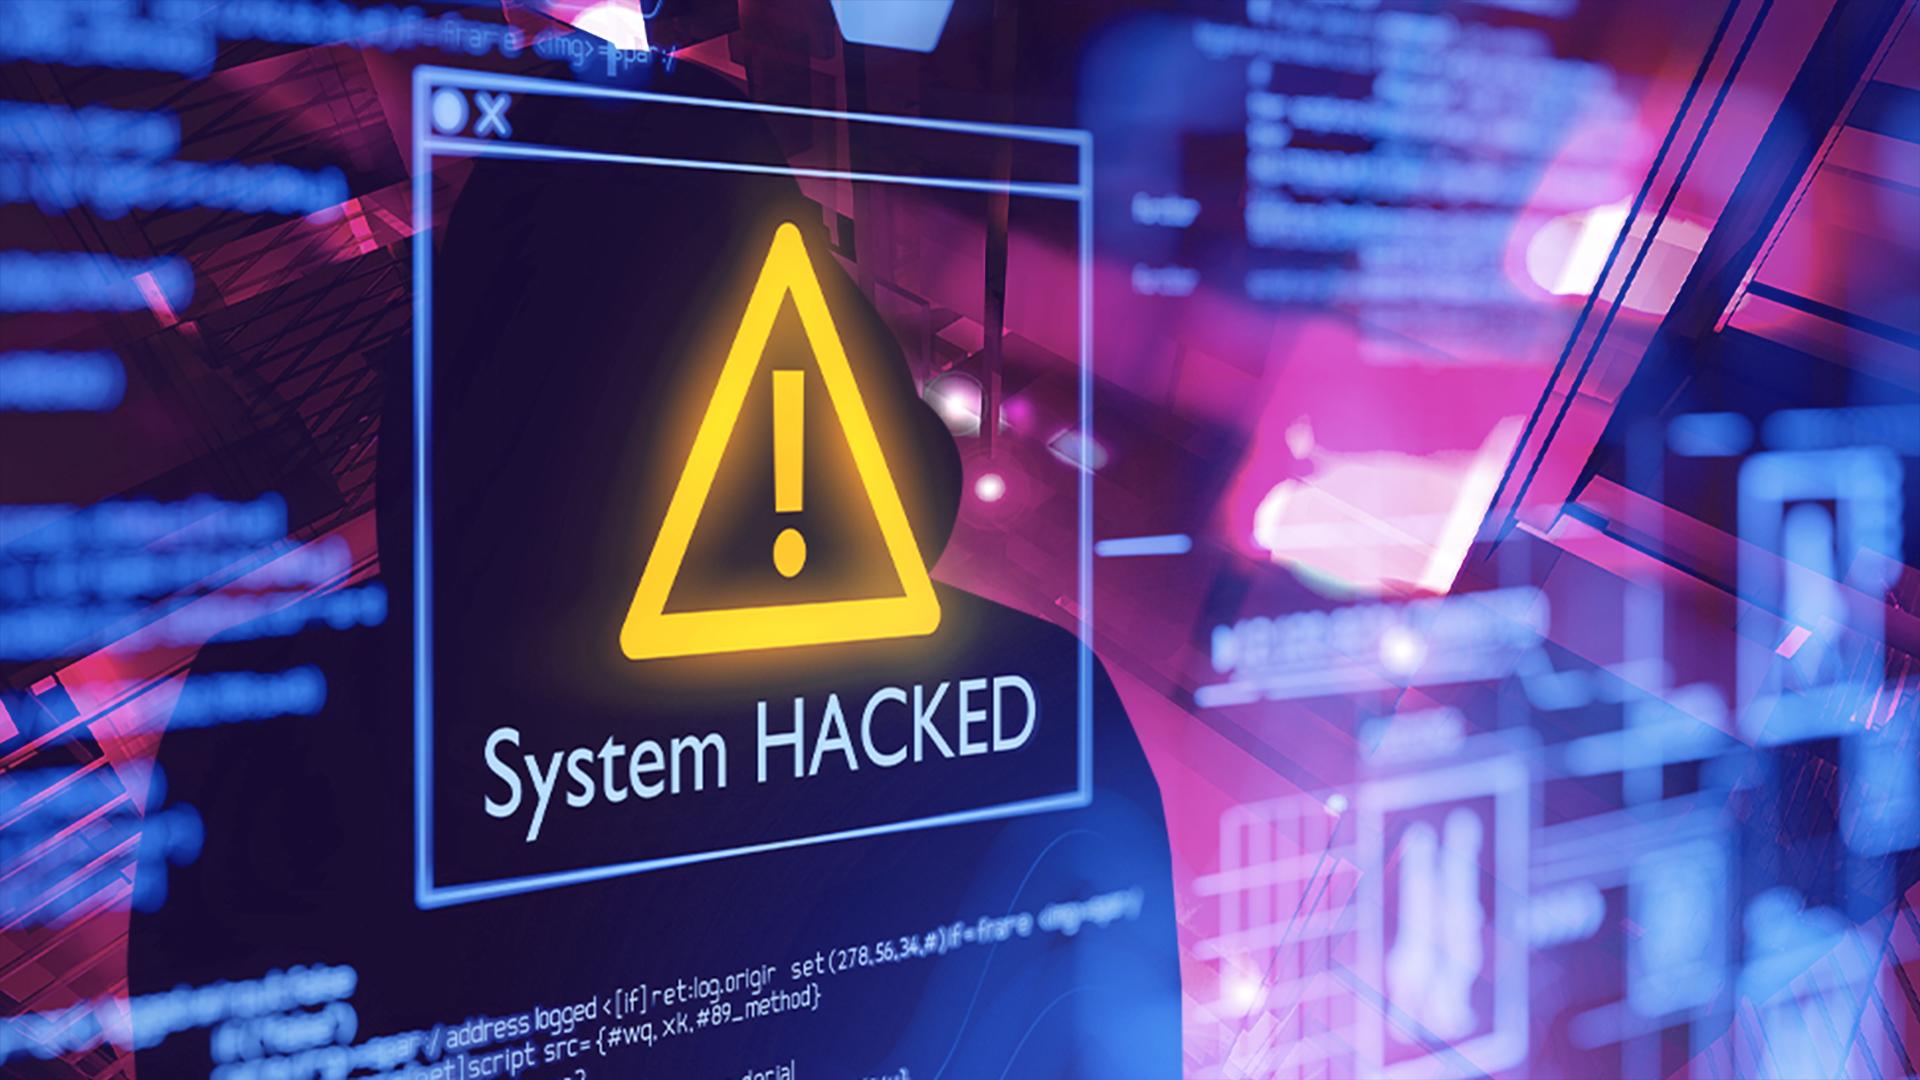 Internet, Sicherheit, Sicherheitslücke, Hacker, Security, Hack, Angriff, Trojaner, Virus, Kriminalität, Schadsoftware, Exploit, Cybercrime, System, Hacking, Cybersecurity, Hackerangriff, Internetkriminalität, Hacken, Hacker Angriffe, Hacker Angriff, Attack, Hacks, Gehackt, Schädling, Crime, Hacked, System Hacked